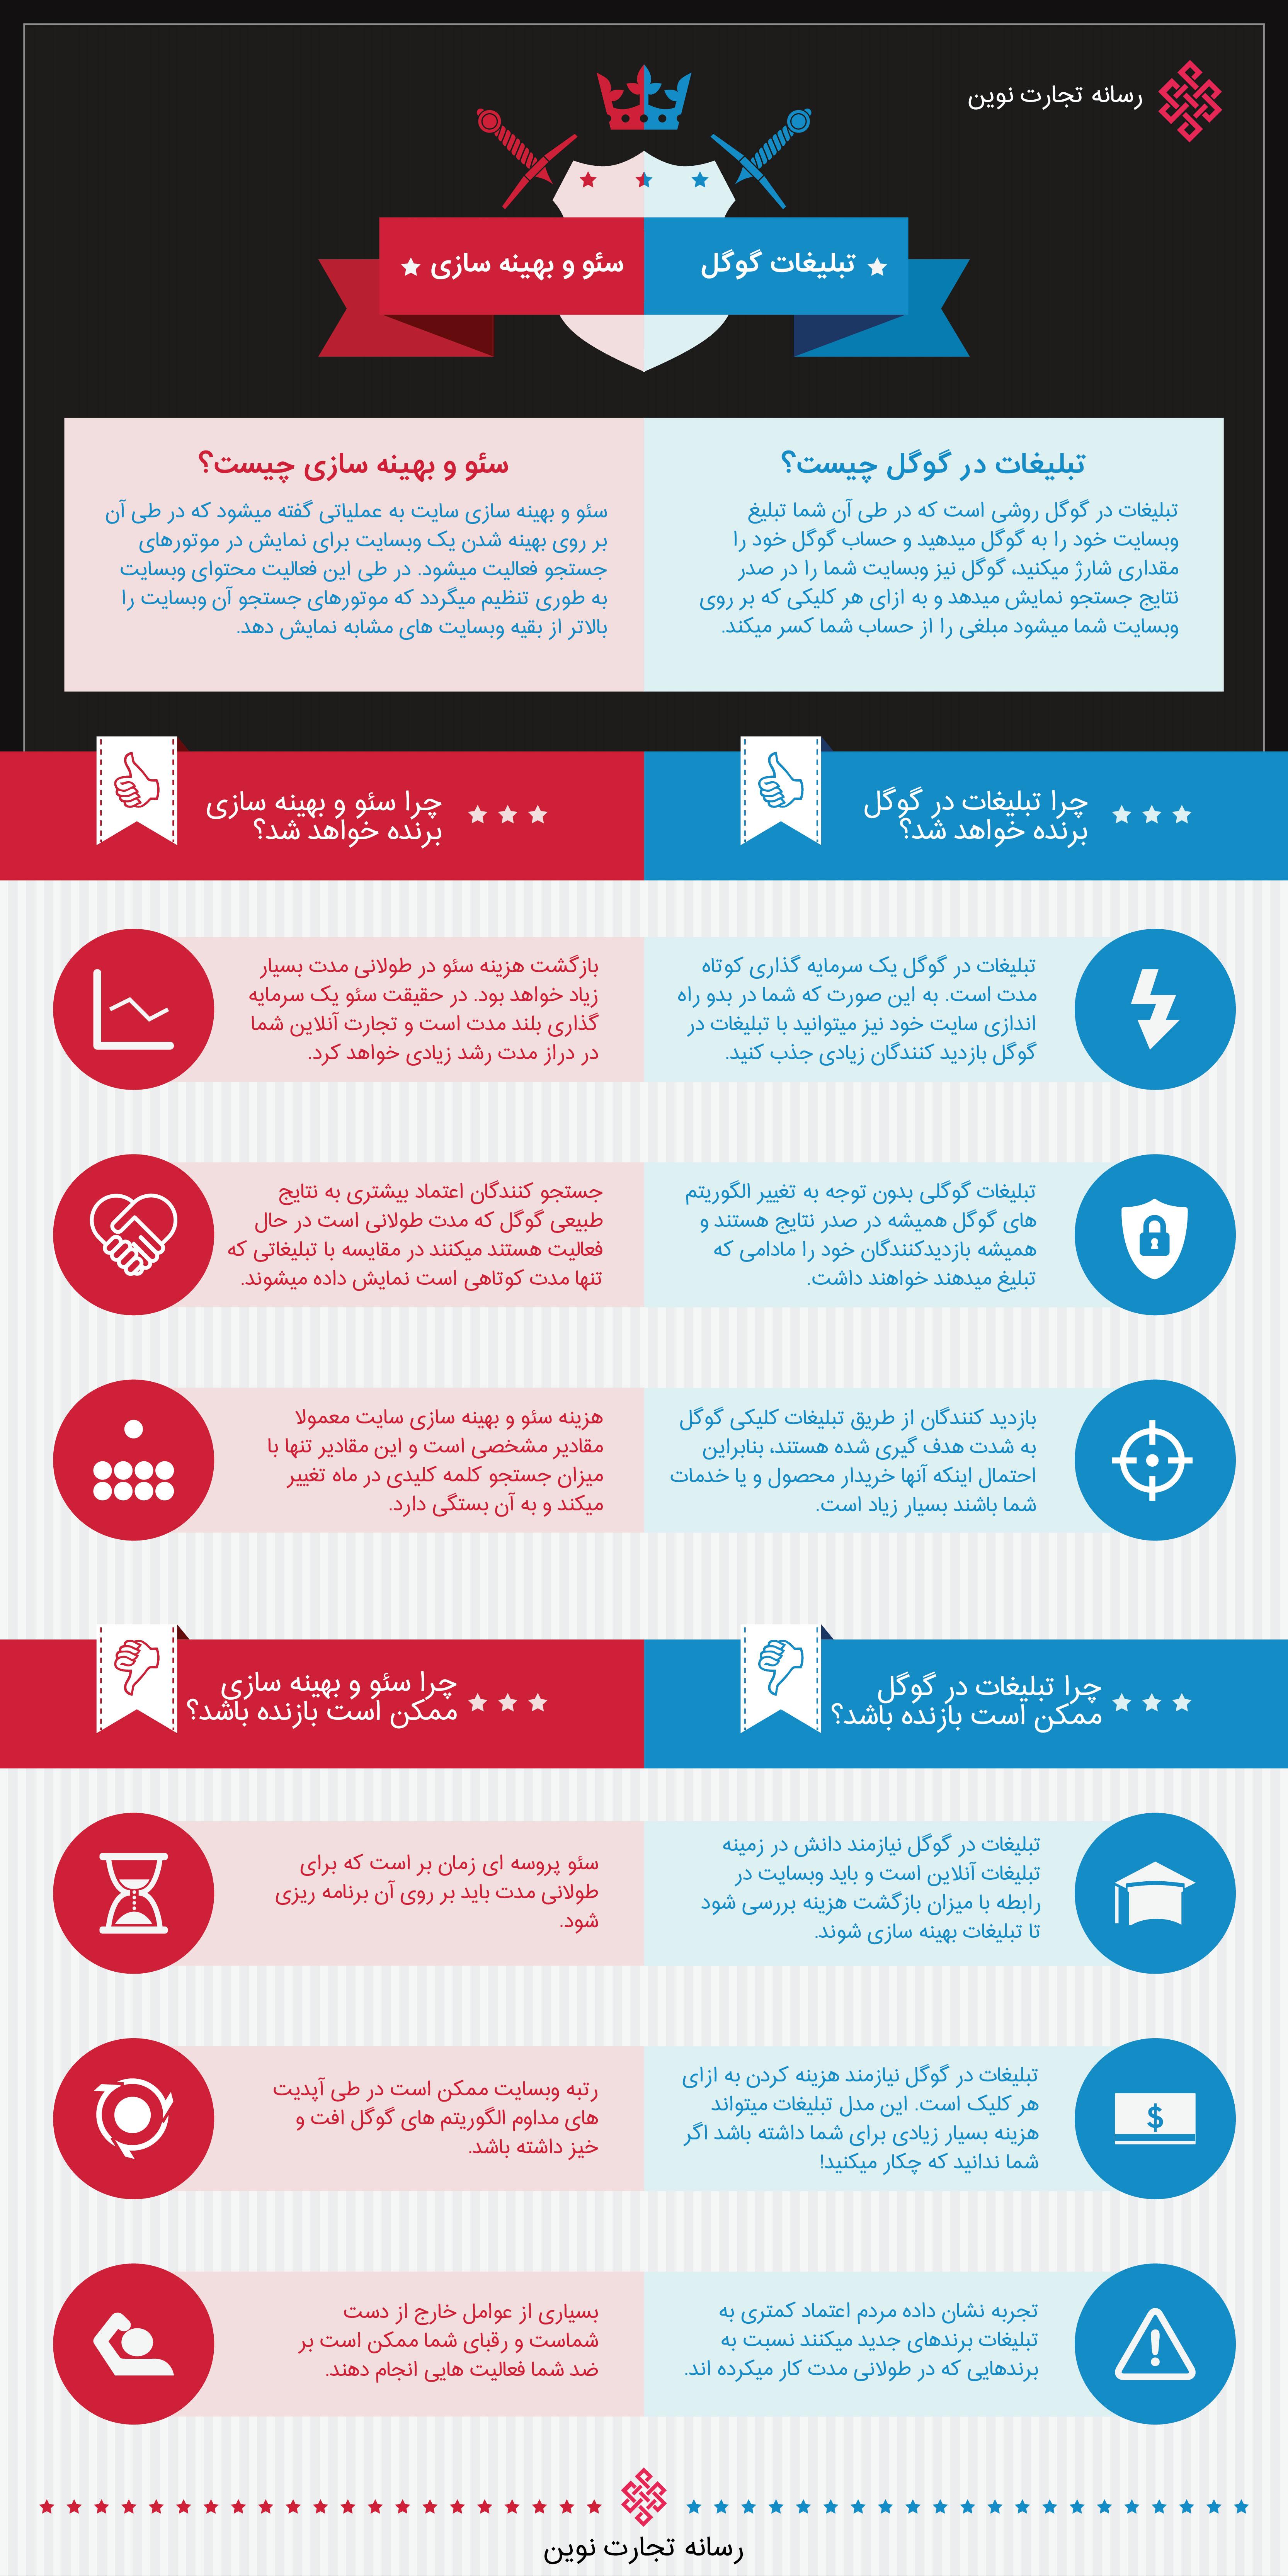 مقایسه سئو و بهینه سازی سایت و تبلیغات گوگل